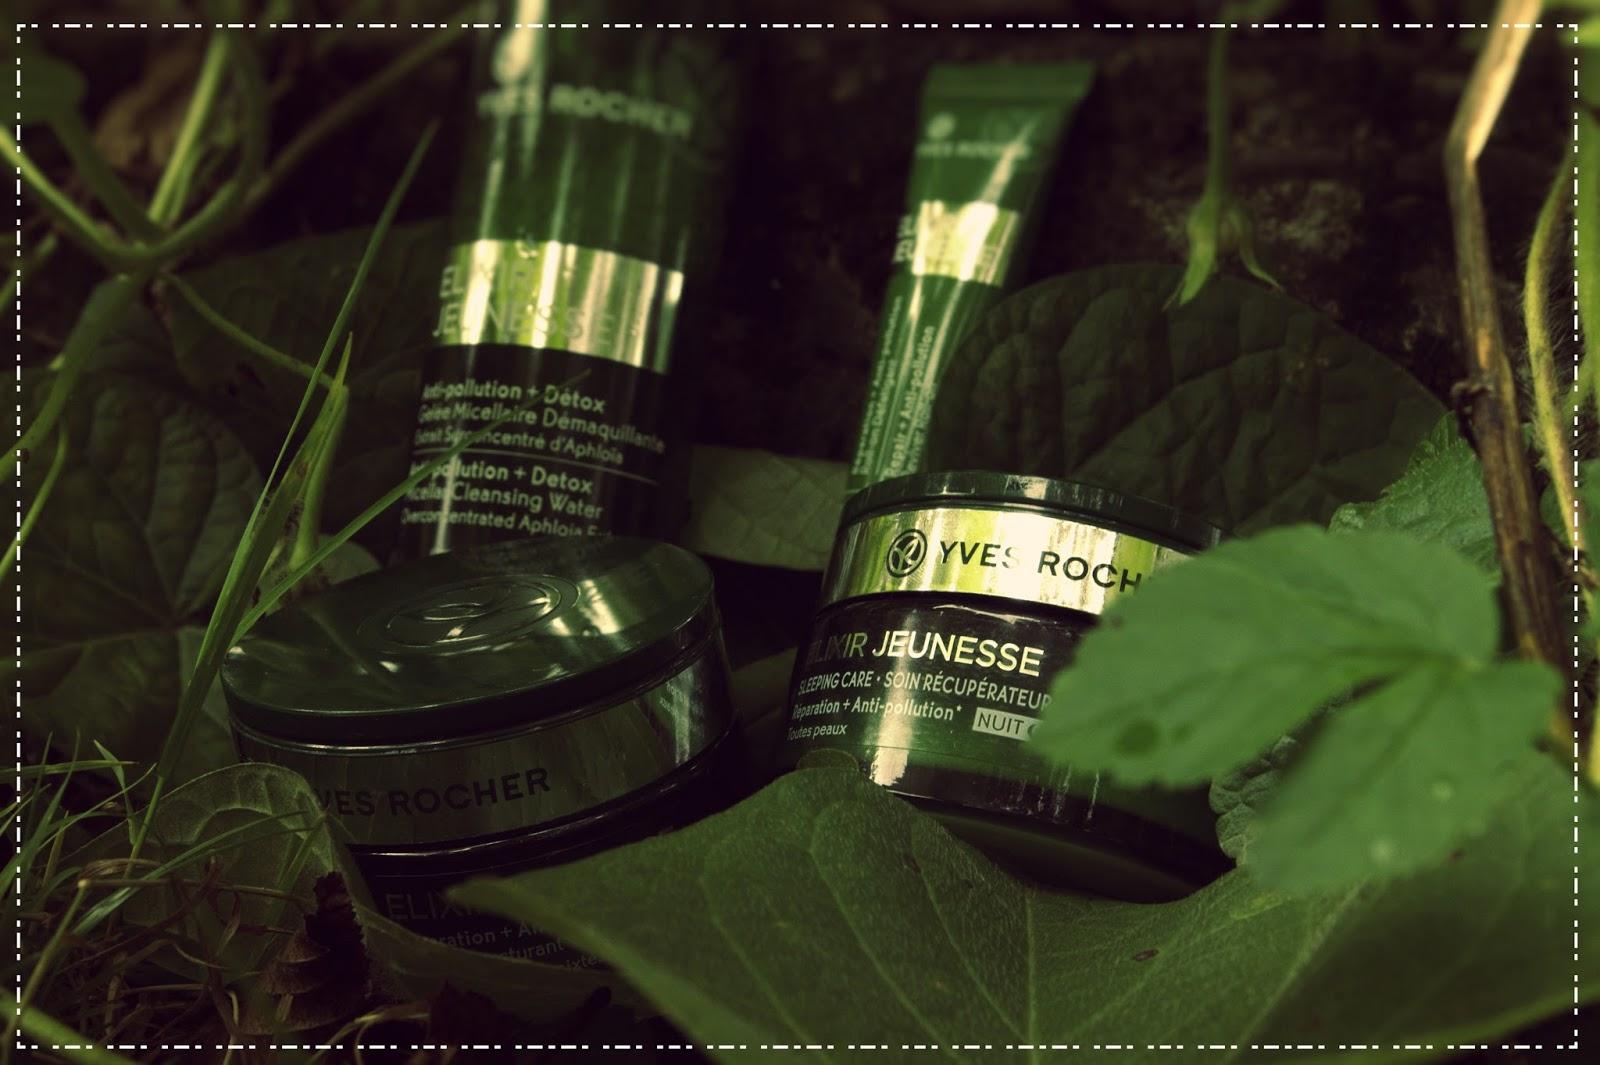 Twoja skóra się starzeje? Zapobiegaj temu  procesowi z linią Elixir Jeunesse od Yves Rocher.